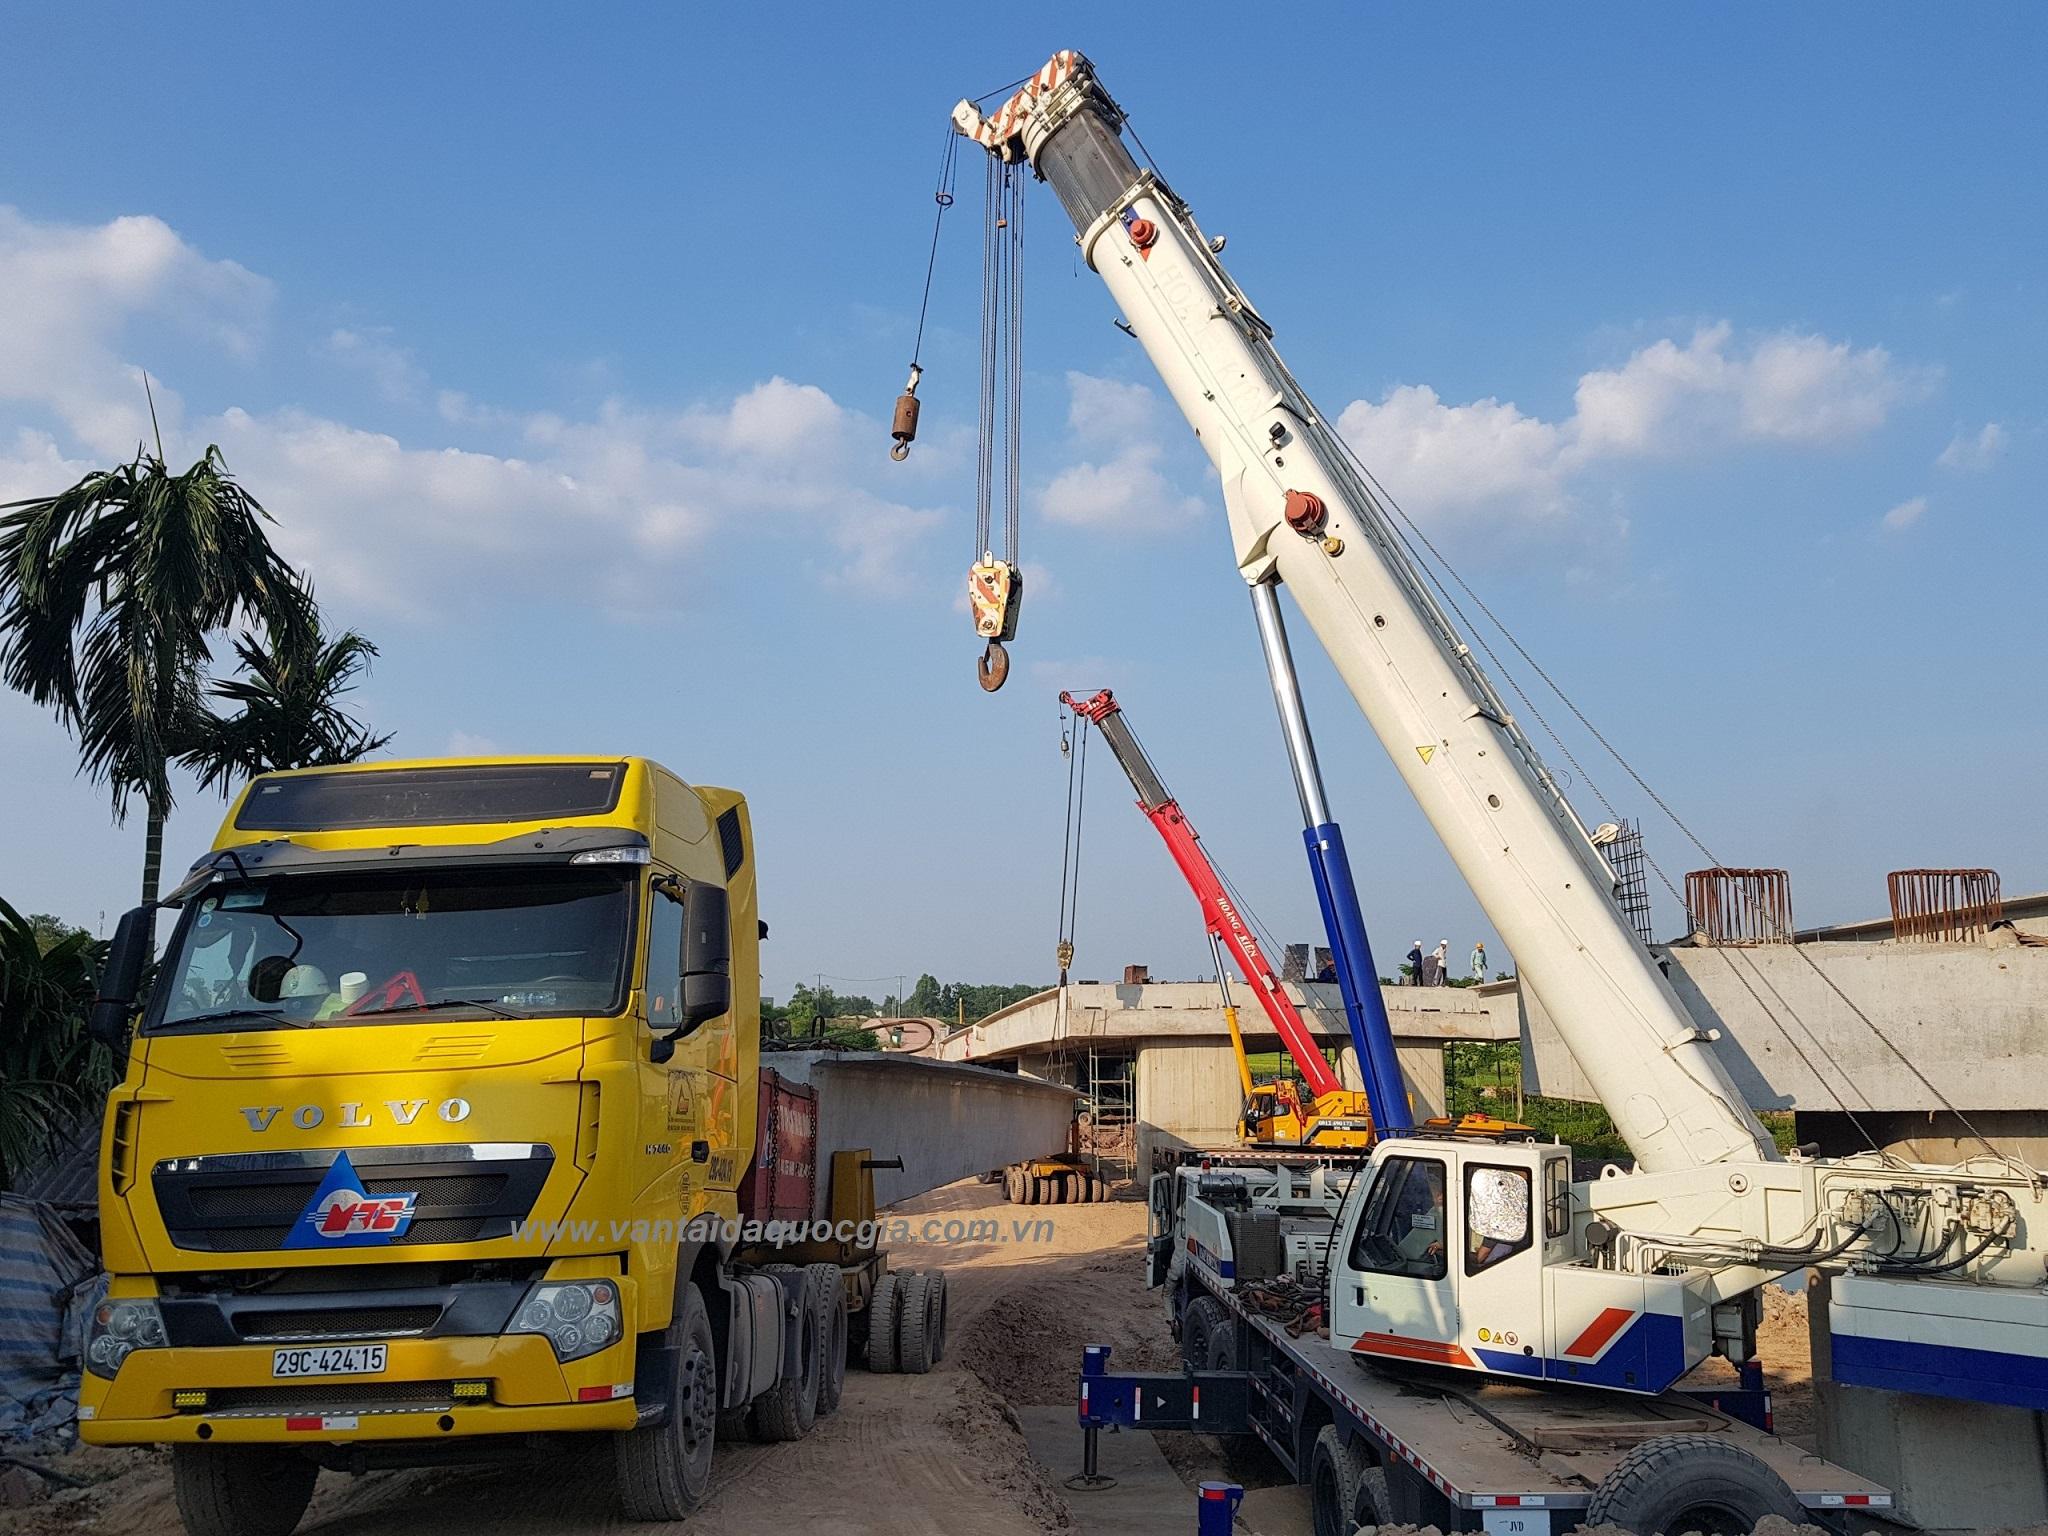 Vận chuyển và lao lắp đặt dầm SuperT tại cầu Đông Sơn, Bắc Giang.